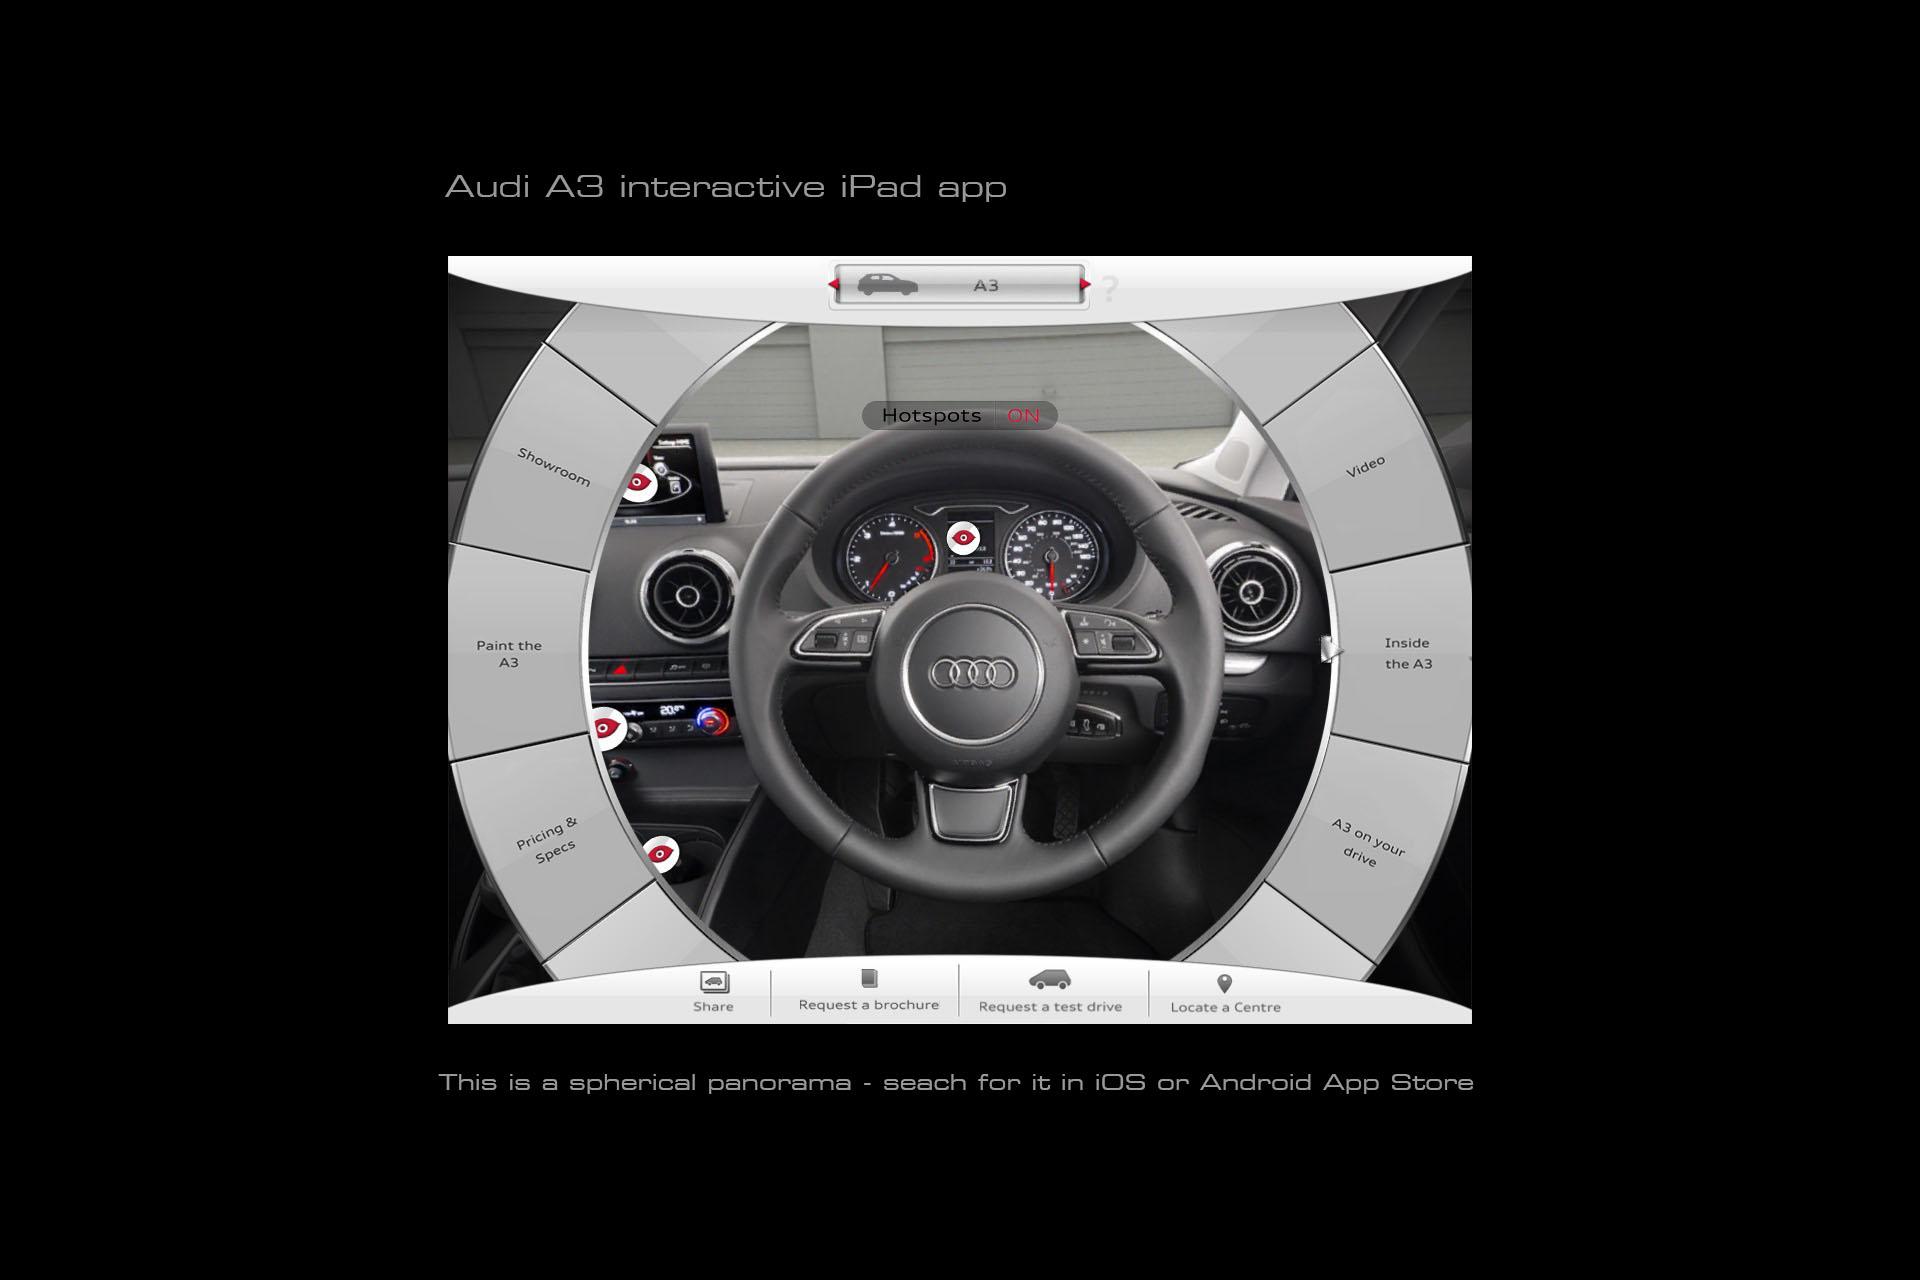 Audi A3 interactive iPad app